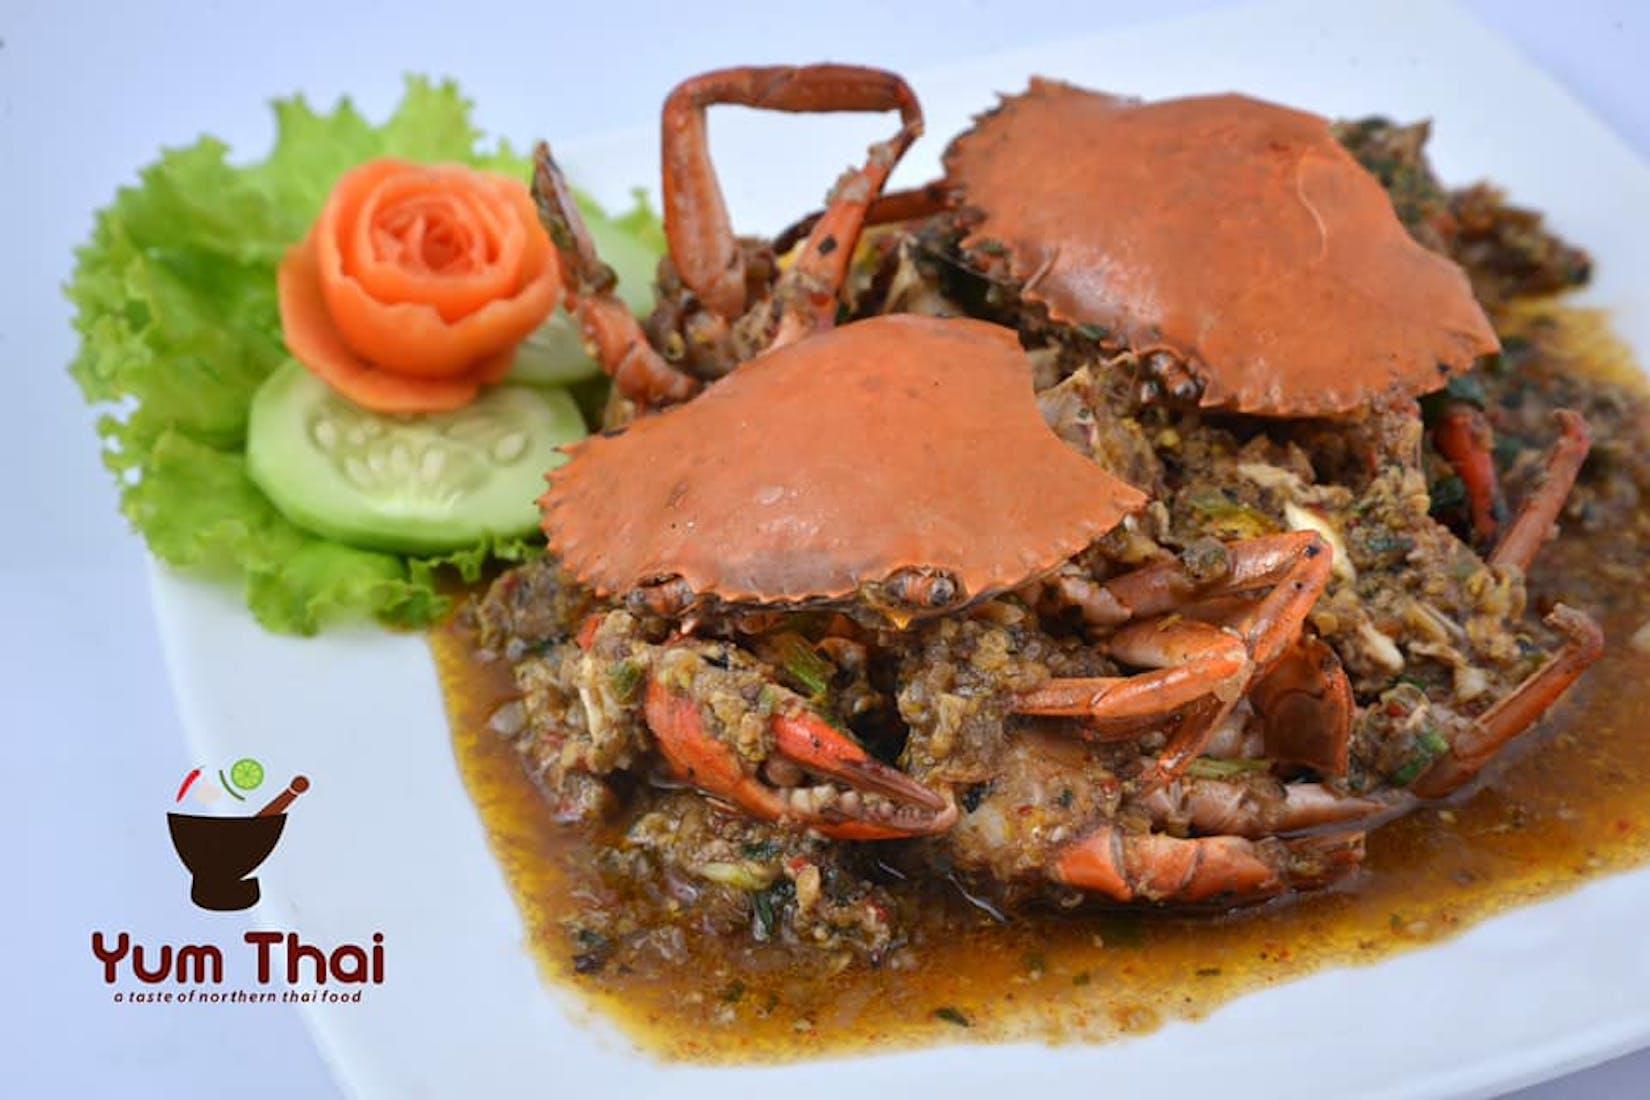 Yum Thai | yathar